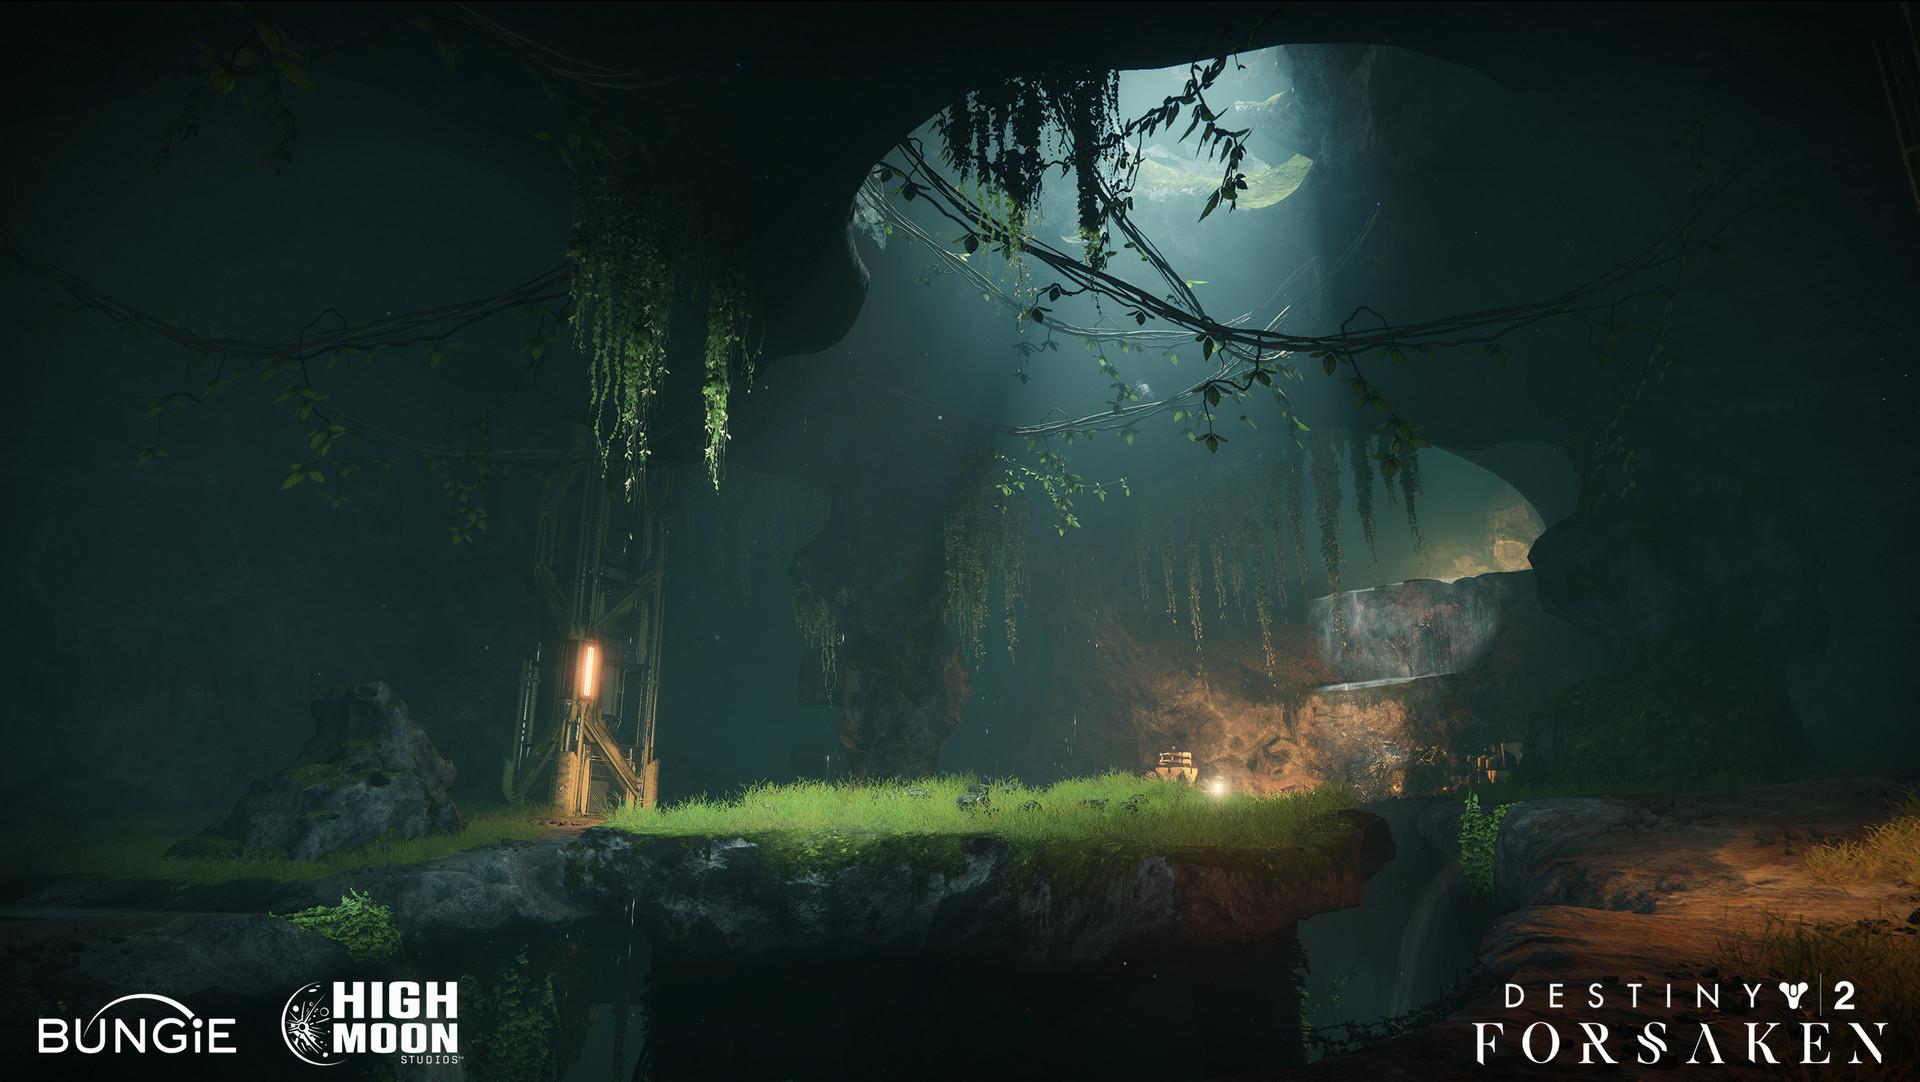 ArtStation - Destiny 2 Forsaken: Trapper's Cave, Richard Rude